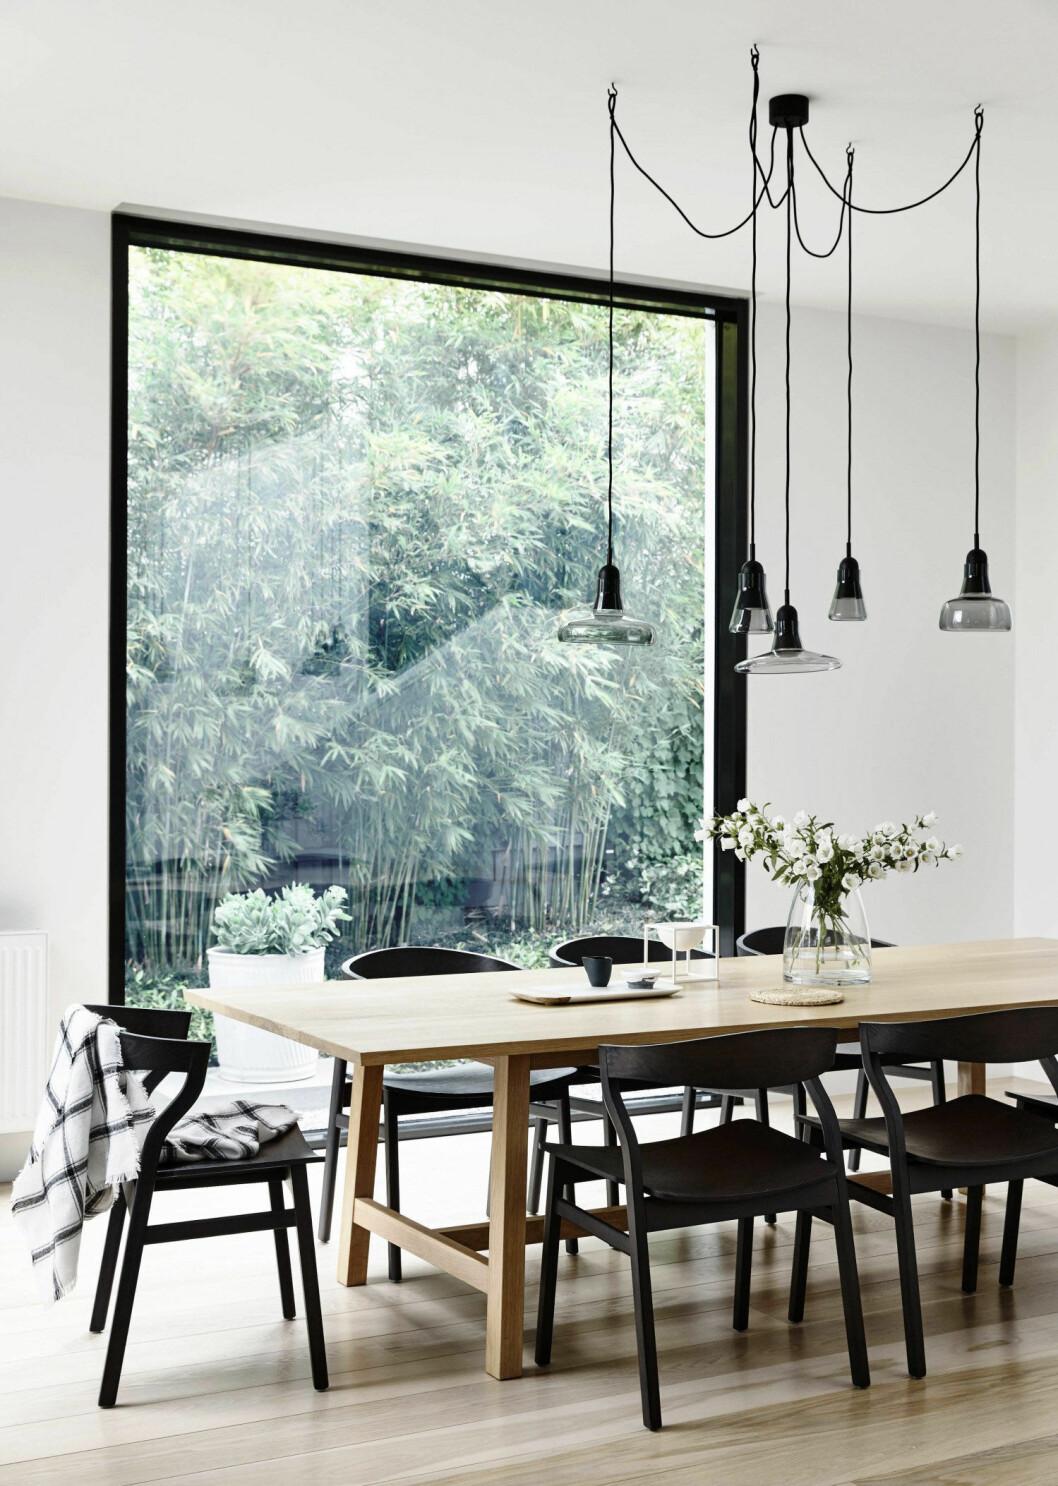 Matplats med fönster med svart fönsterkarm